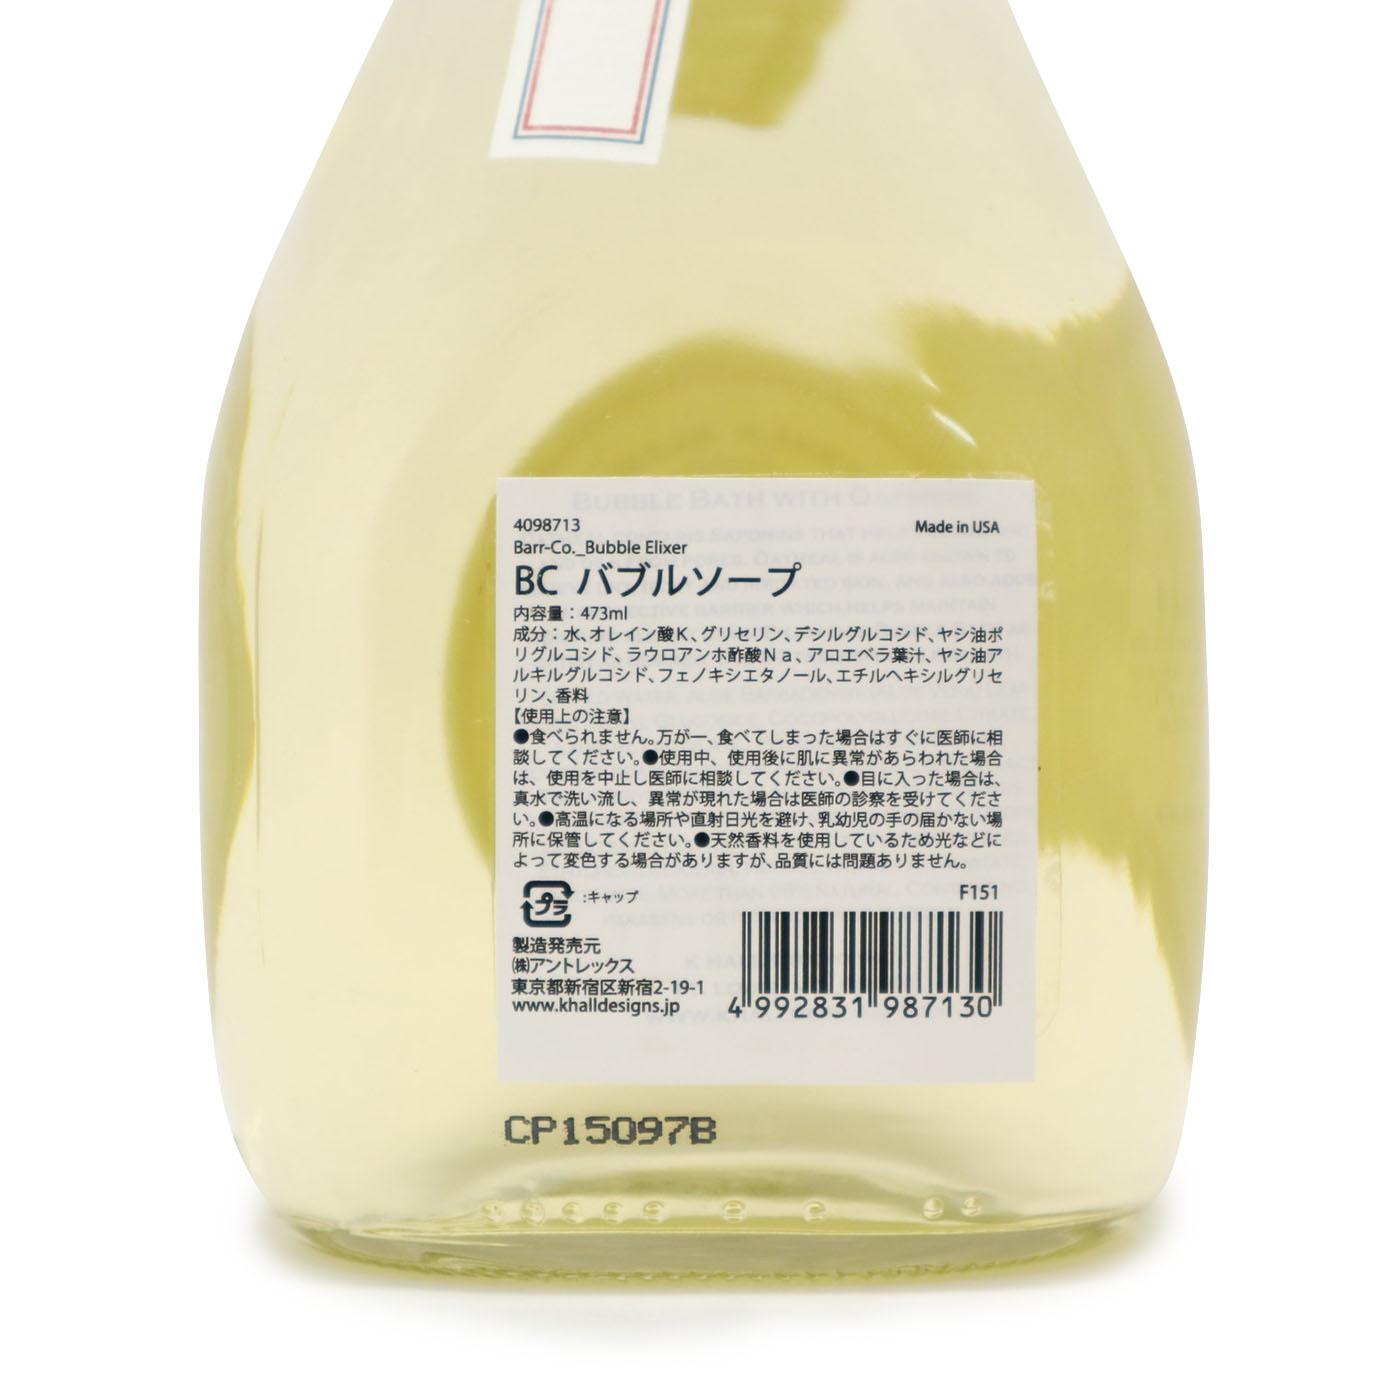 バブルソープ ミルク&バニラ/BARR-CO(ボディソープ)